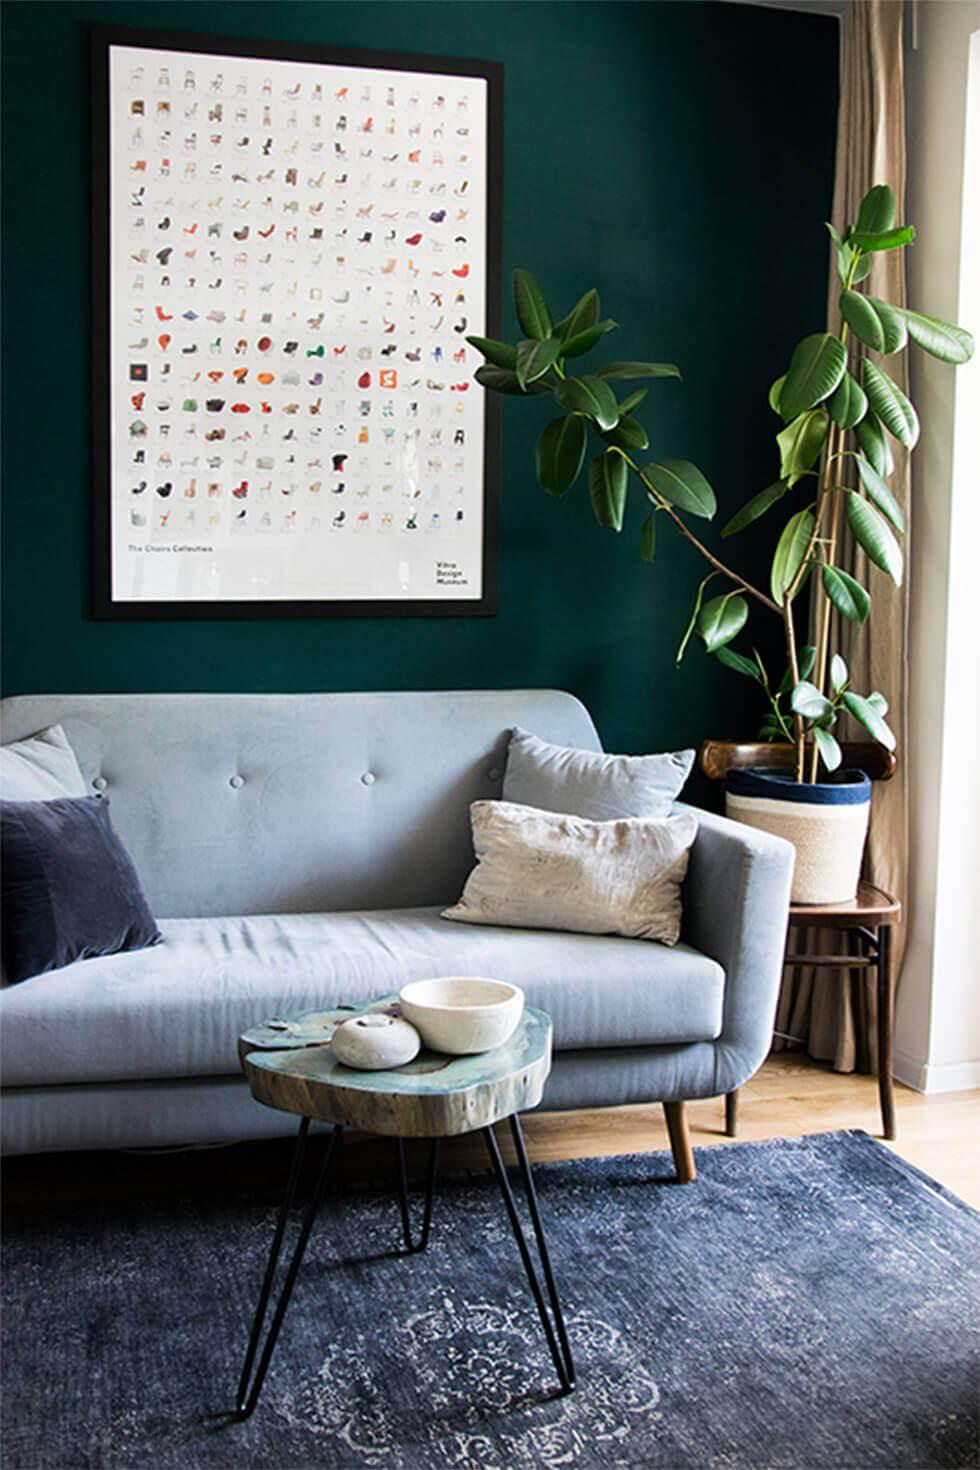 Grey sofa against a dark wall, with a blue rug